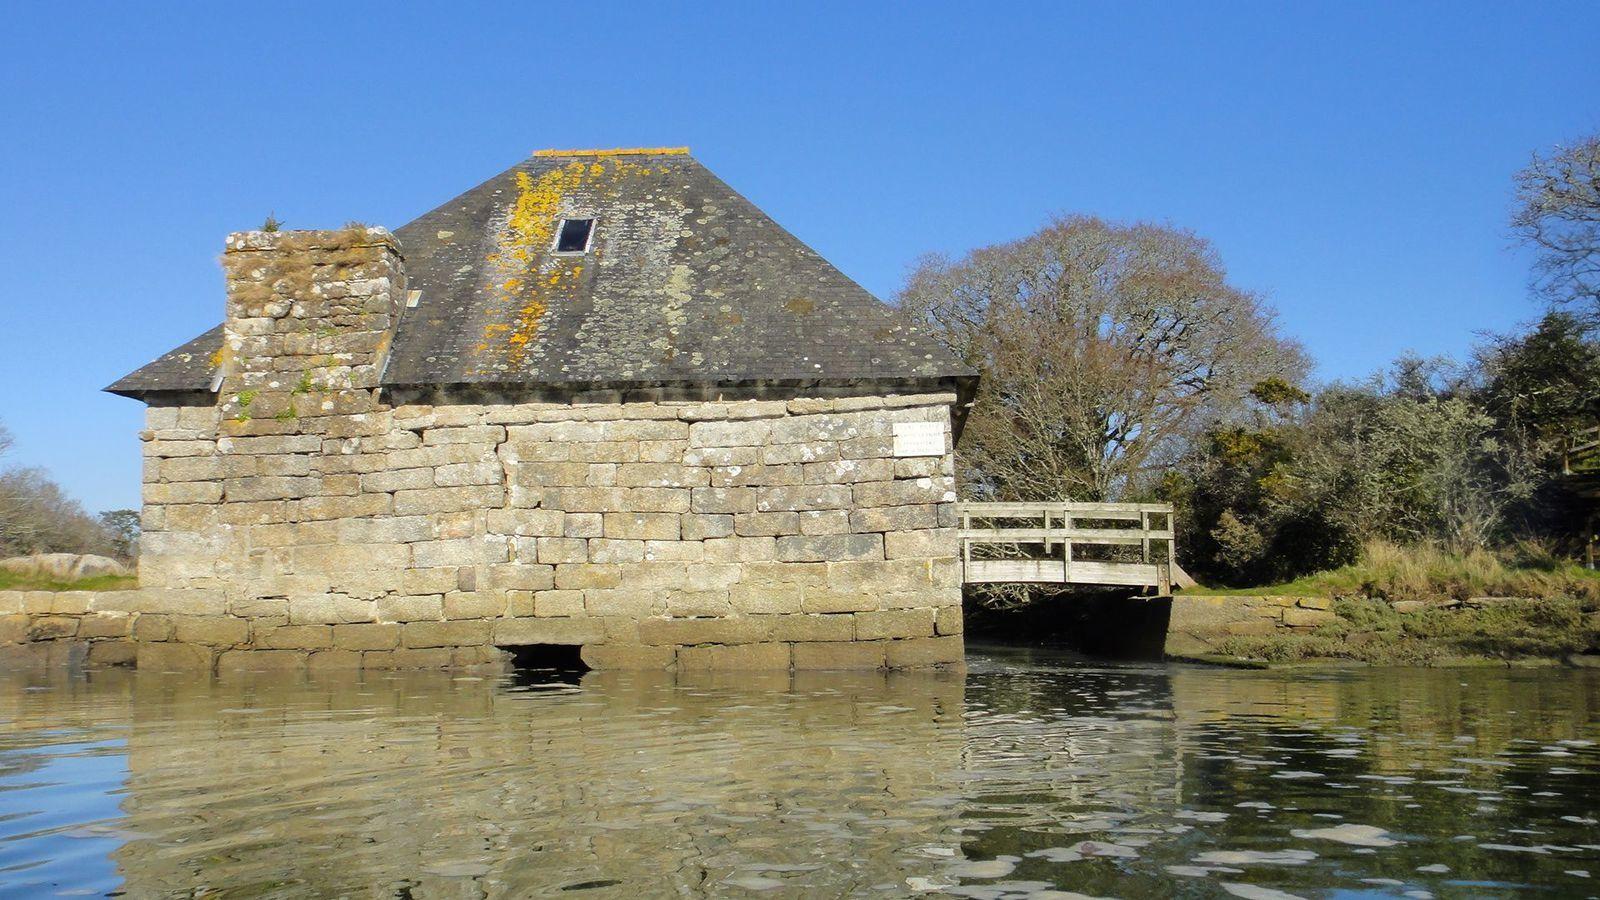 A remonter la ria du Moulin-mer, qui nous mène jusqu'au moulin à marée du Minahouet, datant du XVème siècle. Finistère